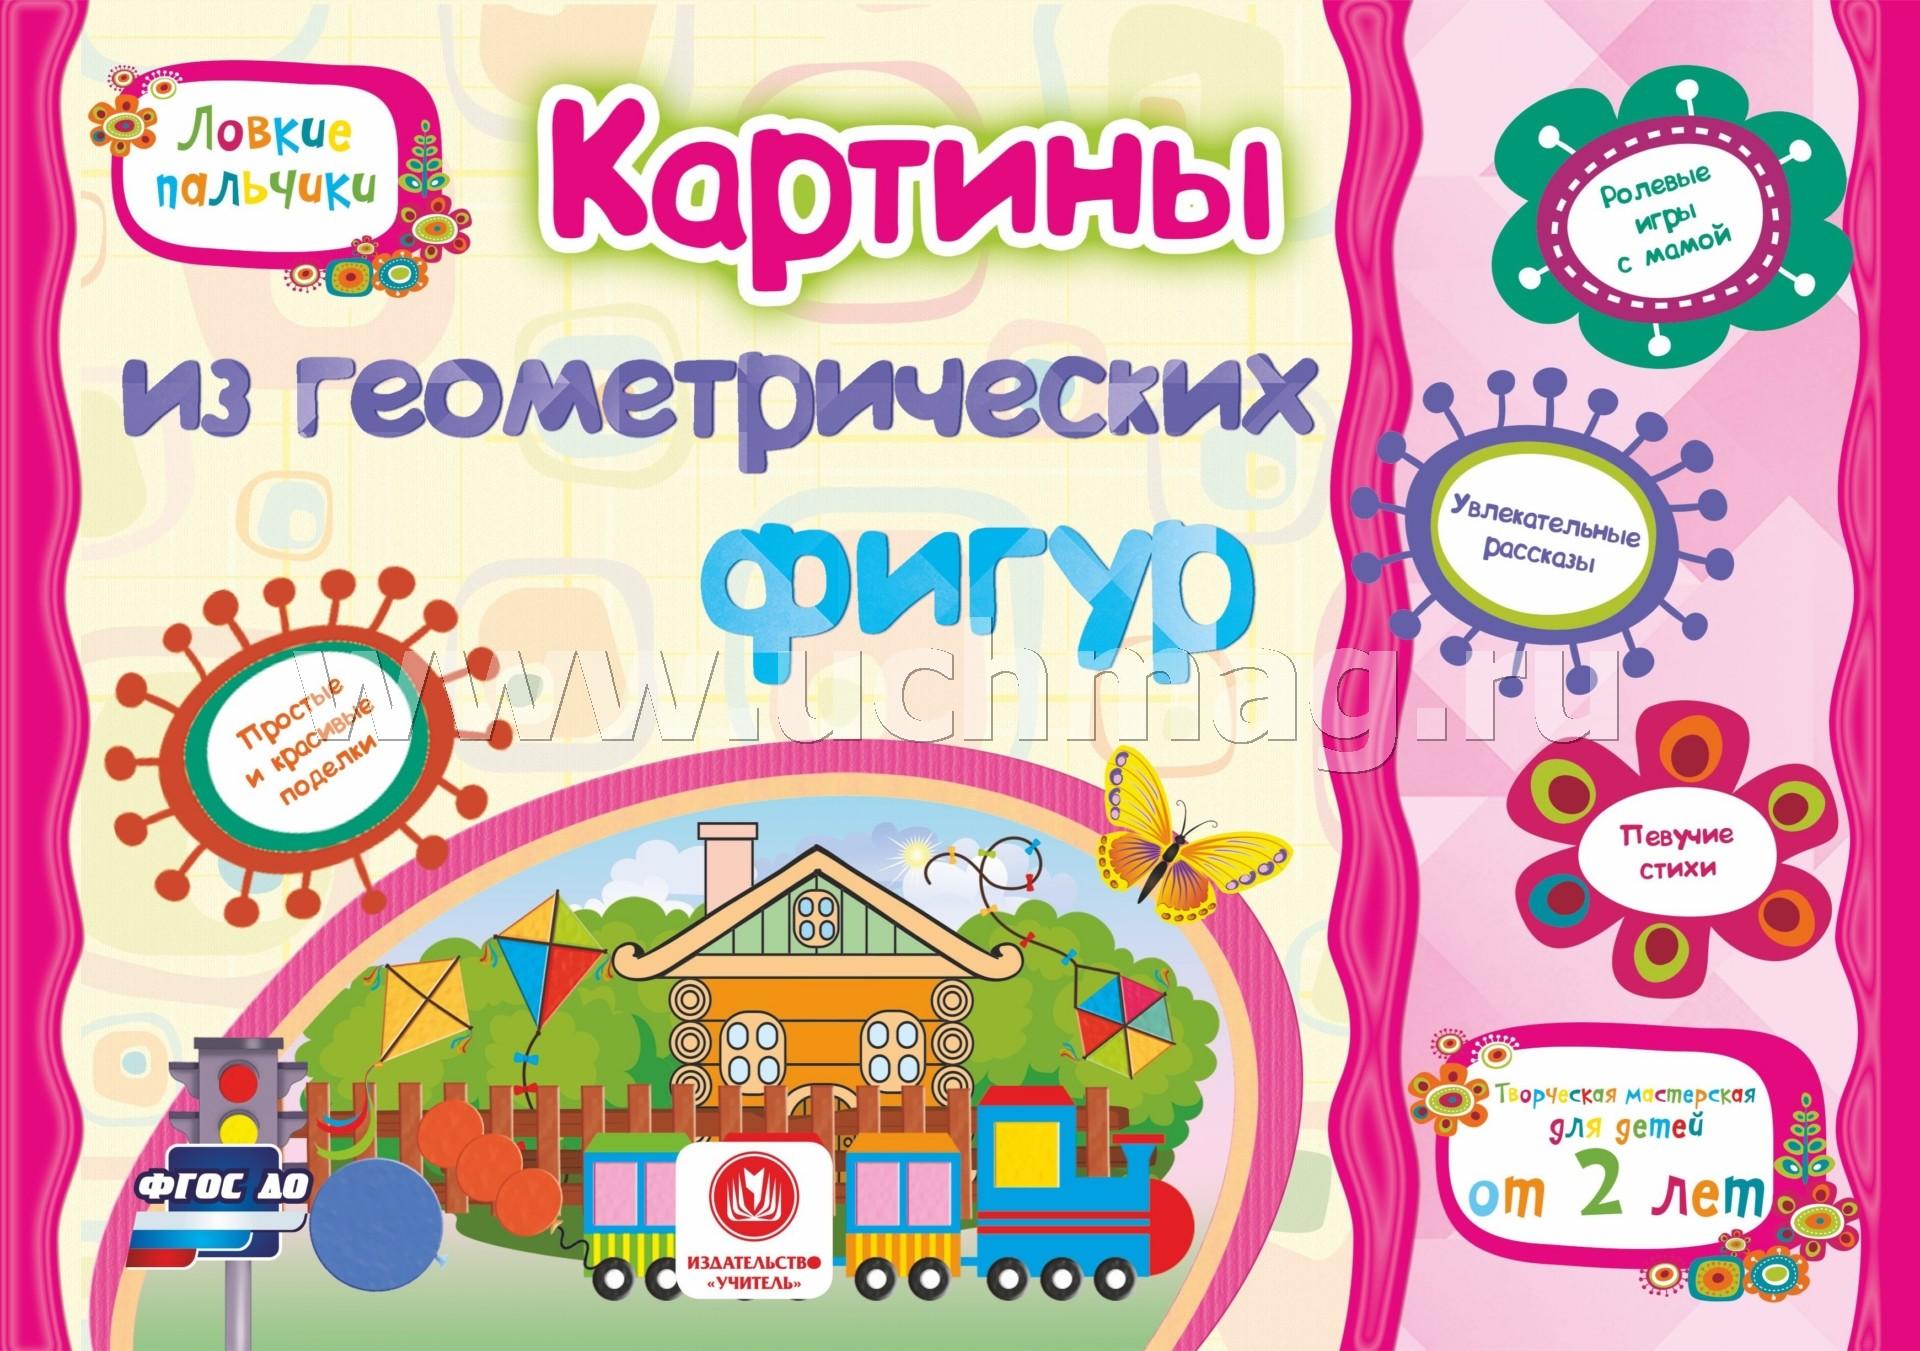 Картины из геометрических фигур. Учебное пособие для детей дошкольного возраста. Сборник развивающих заданий